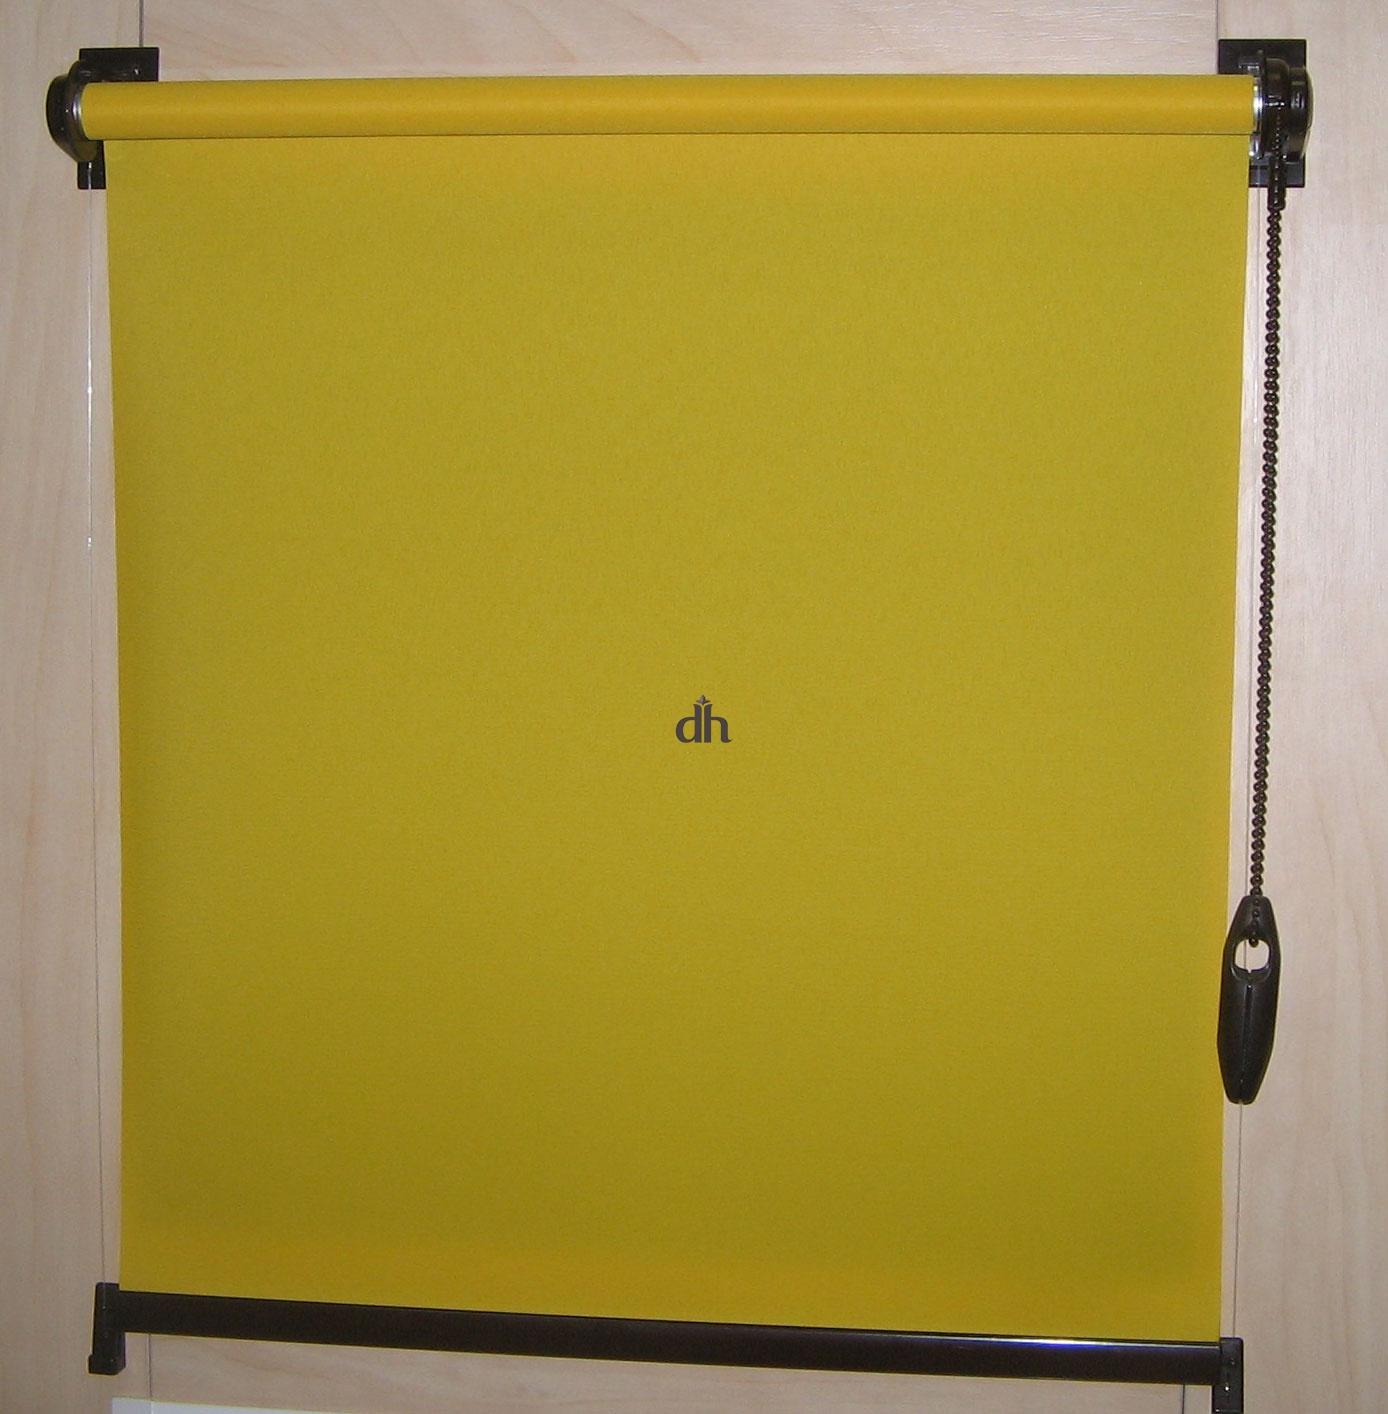 fabric-blinds_decodh_0044